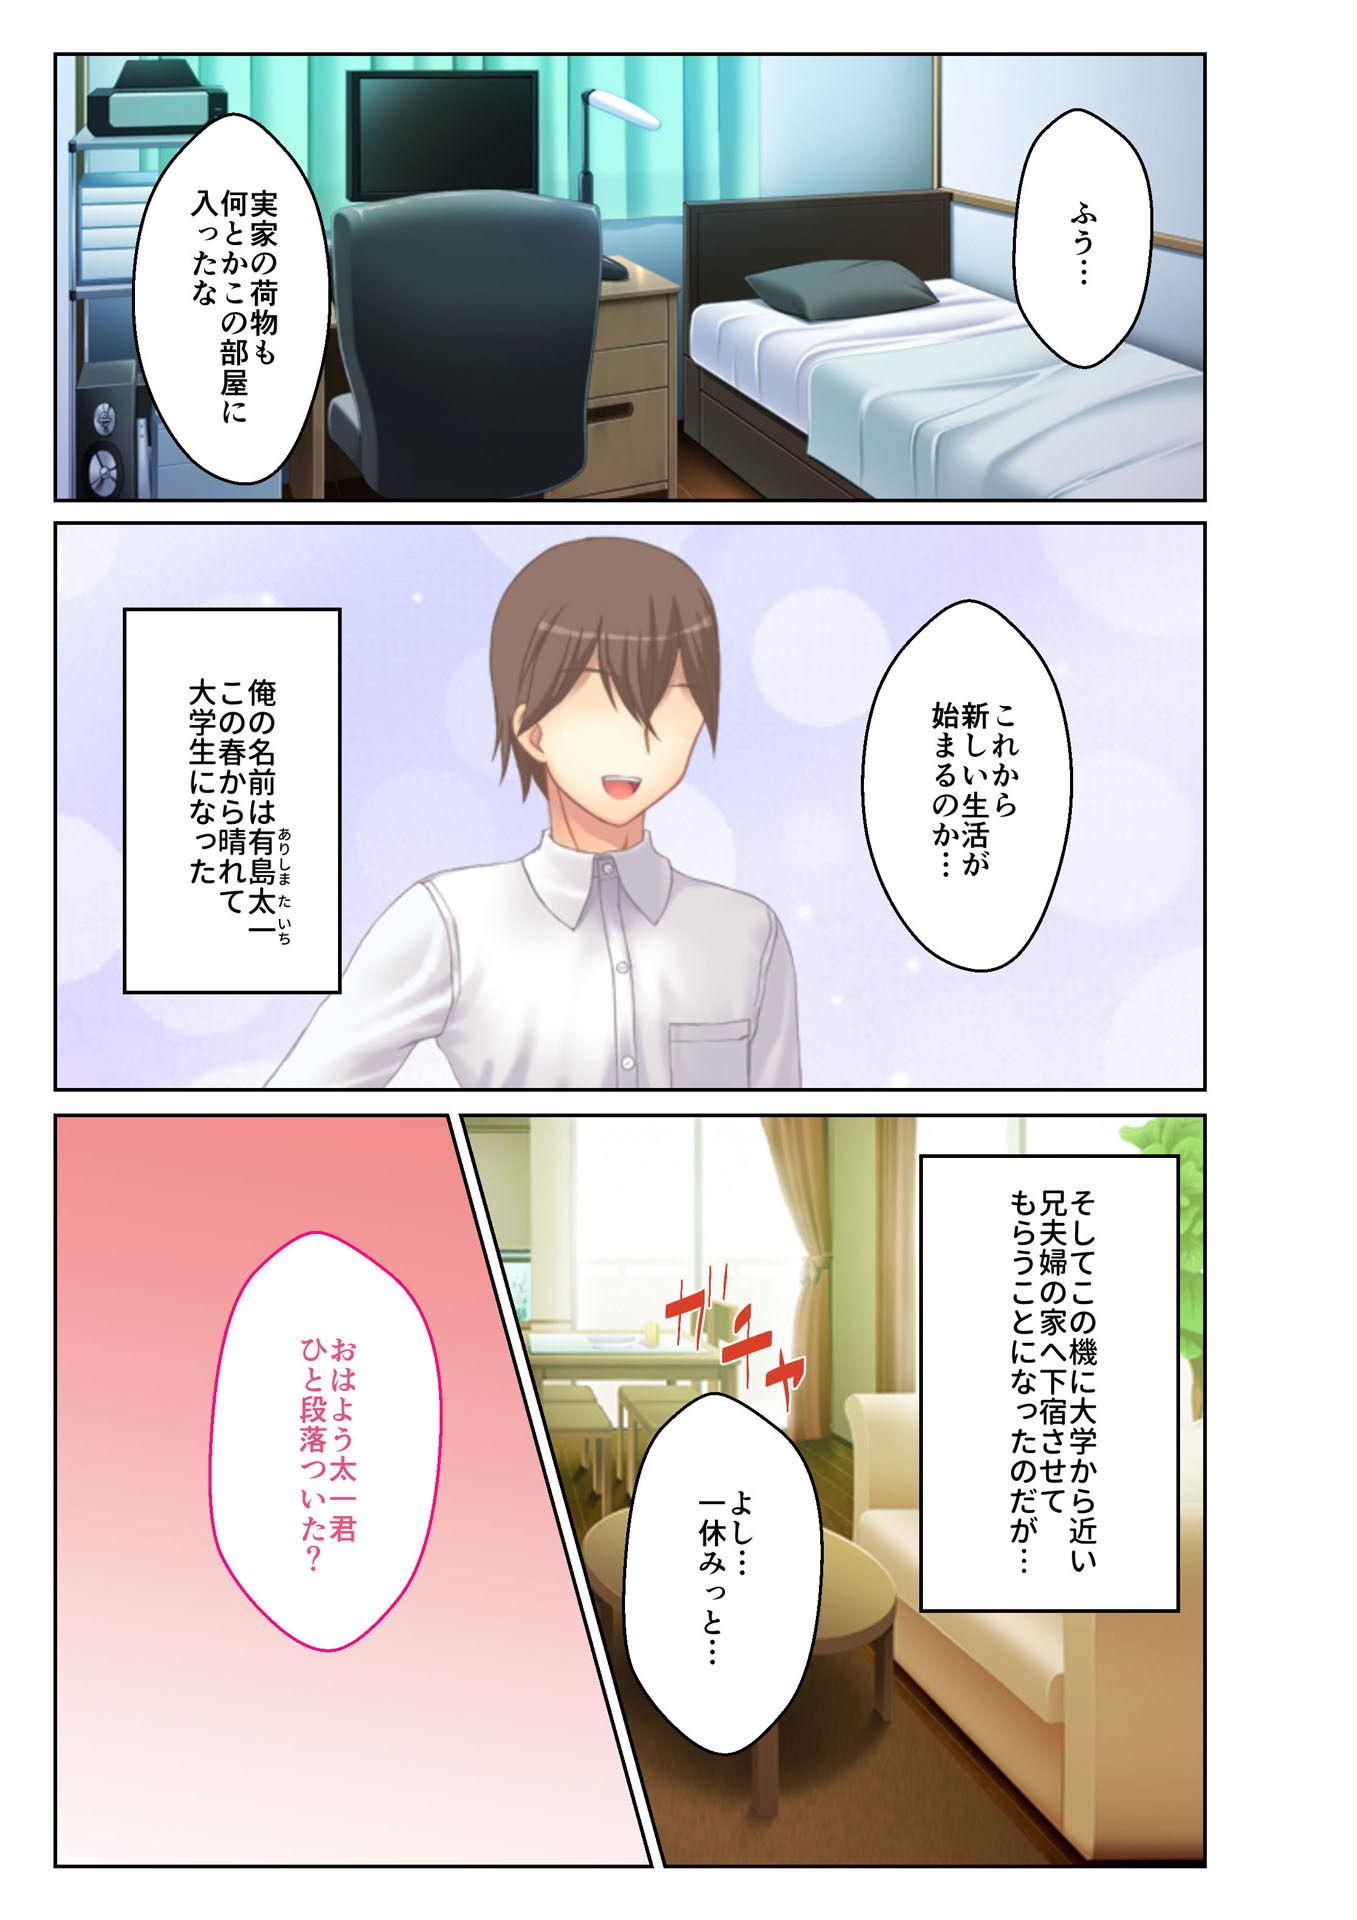 【どろっぷす! 同人】寝取られ人妻~ハメられた女たちの不倫事情~(5)フルカラーコミック版